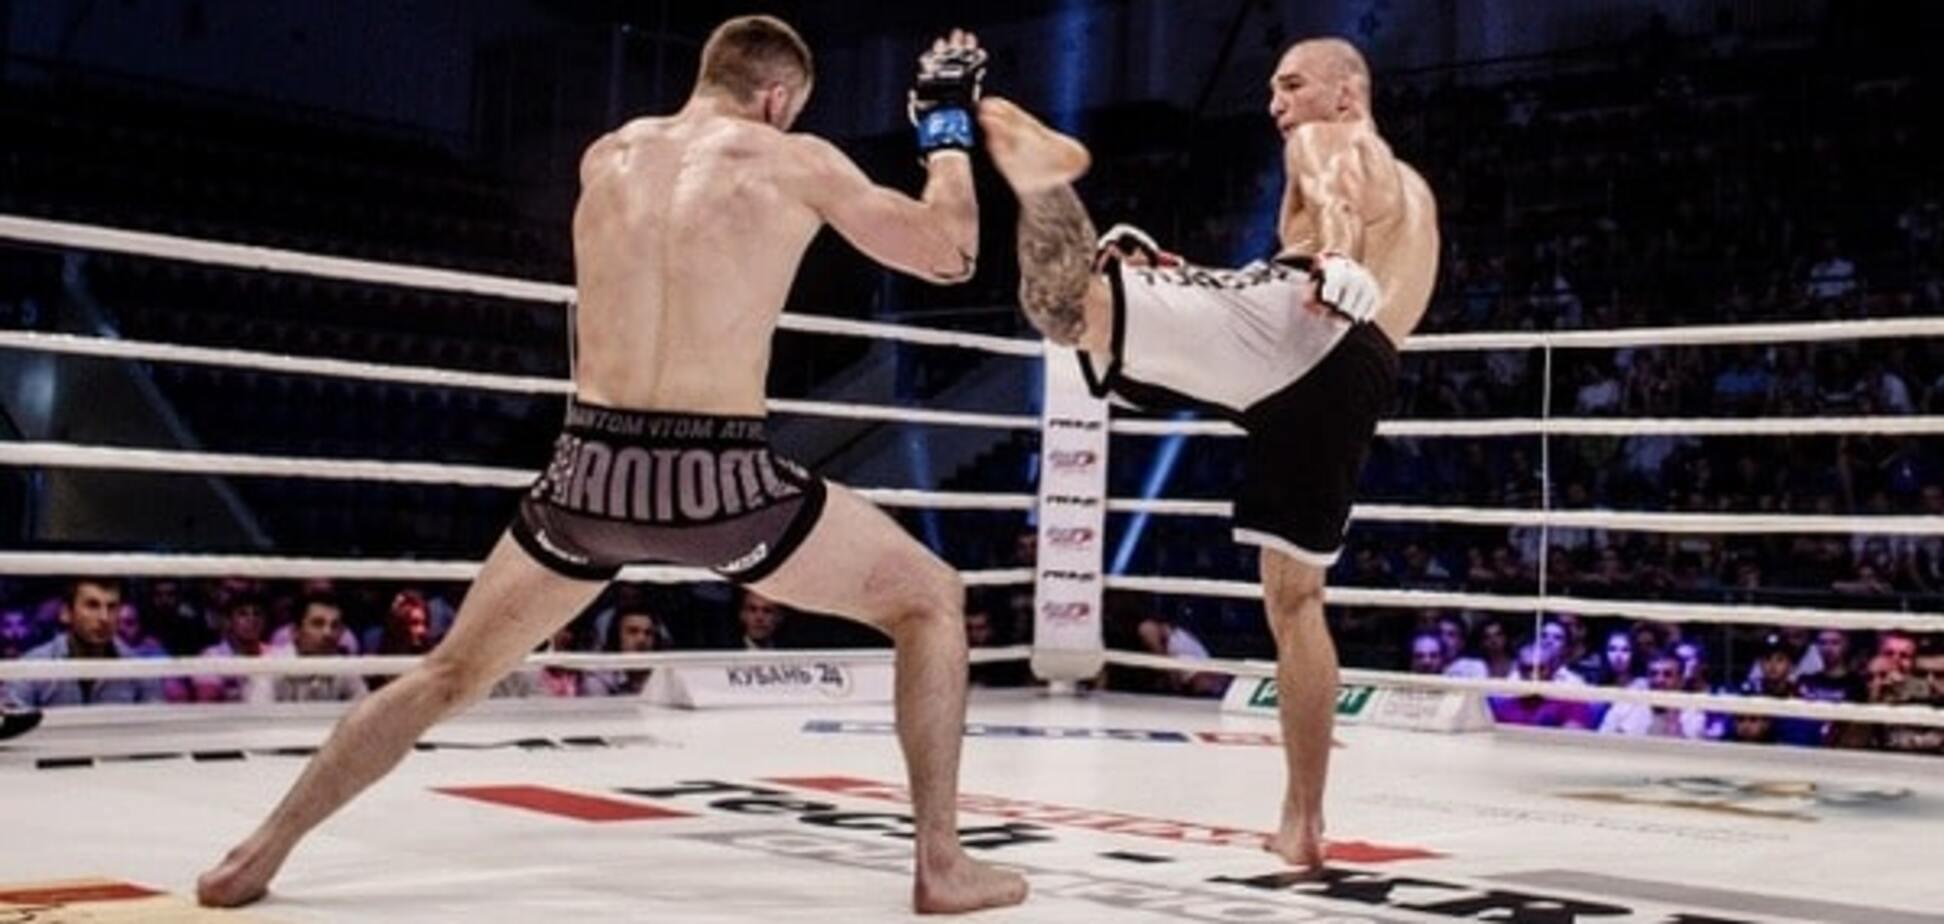 Непереможний український боєць став чемпіоном світу, вигравши турнір у Росії